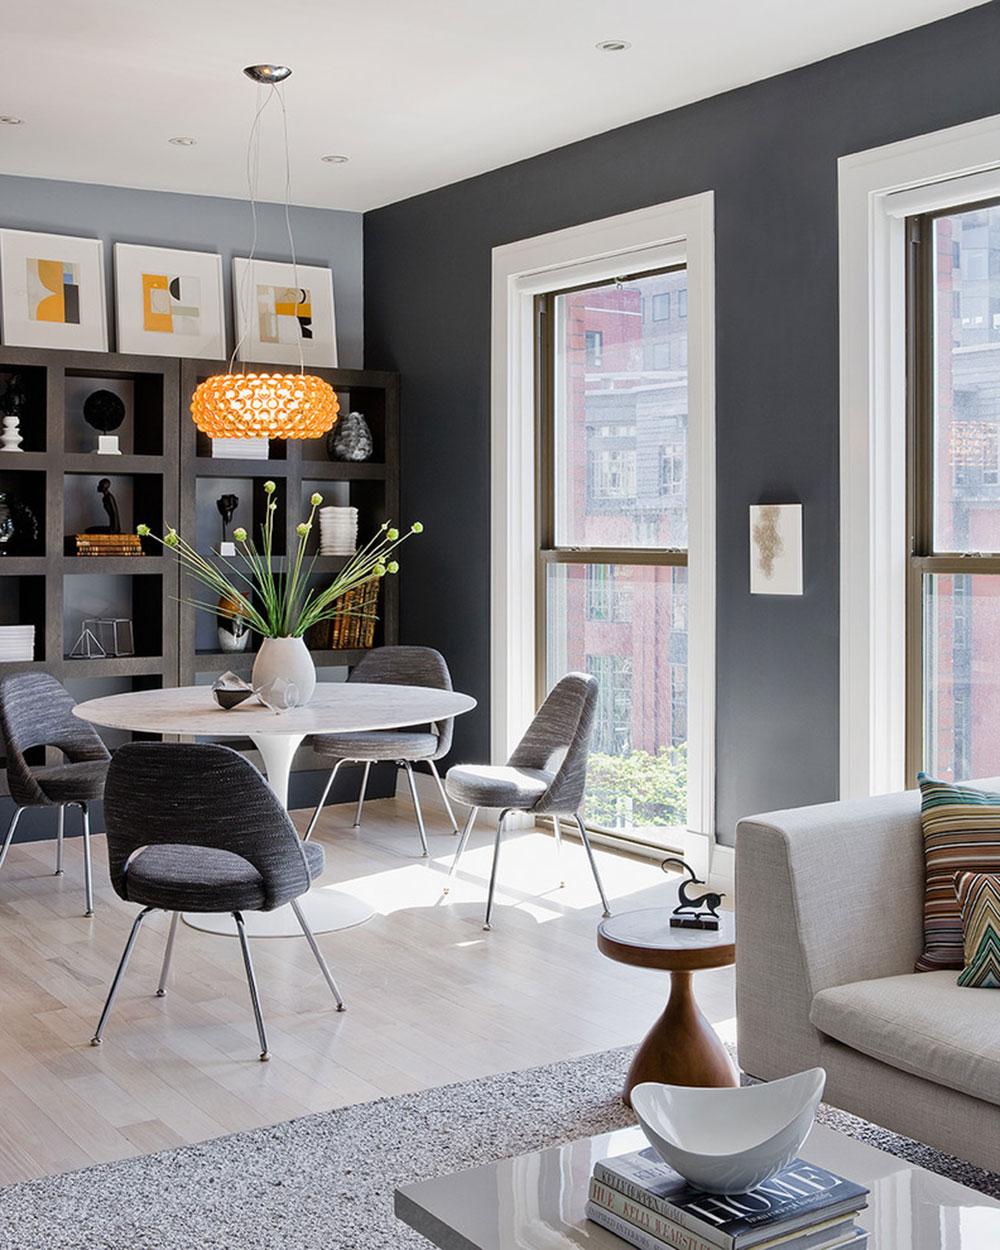 Tips för att dekorera ett rum med tvåfärgade väggar 5 tips för att dekorera ett rum med tvåfärgade väggar